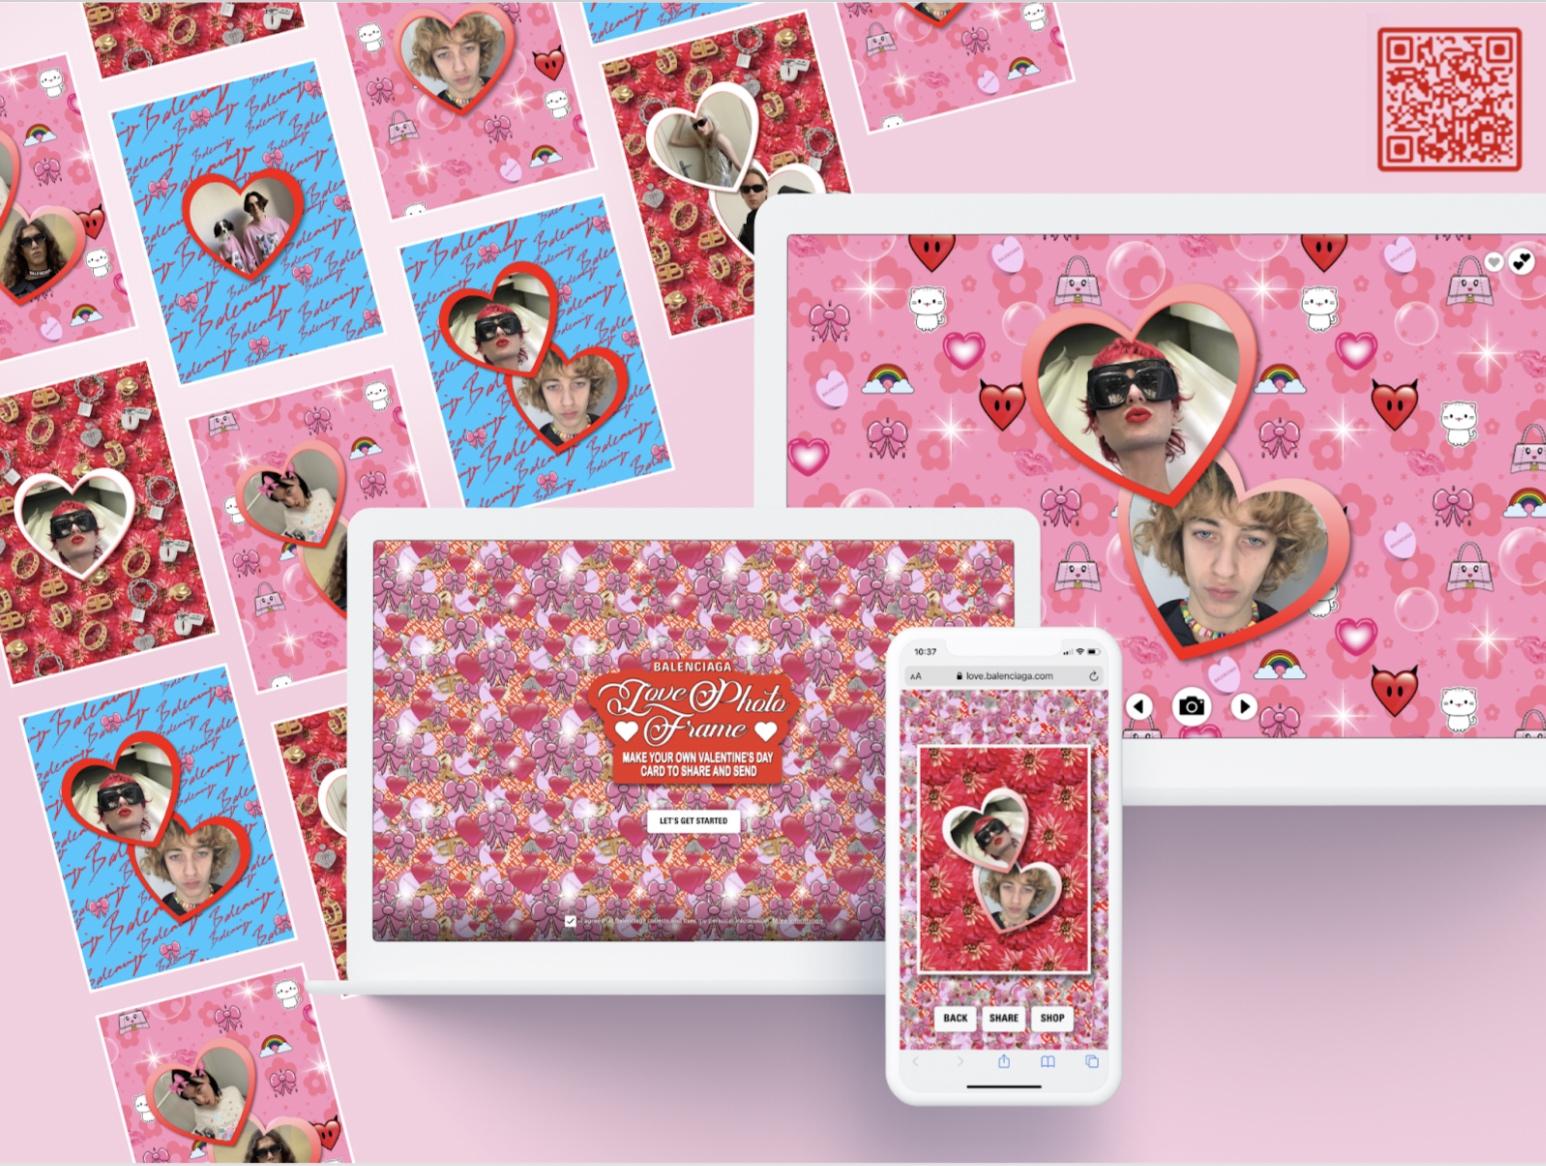 Balenciaga - I LOVE YOU - Photobooth - Application mobile